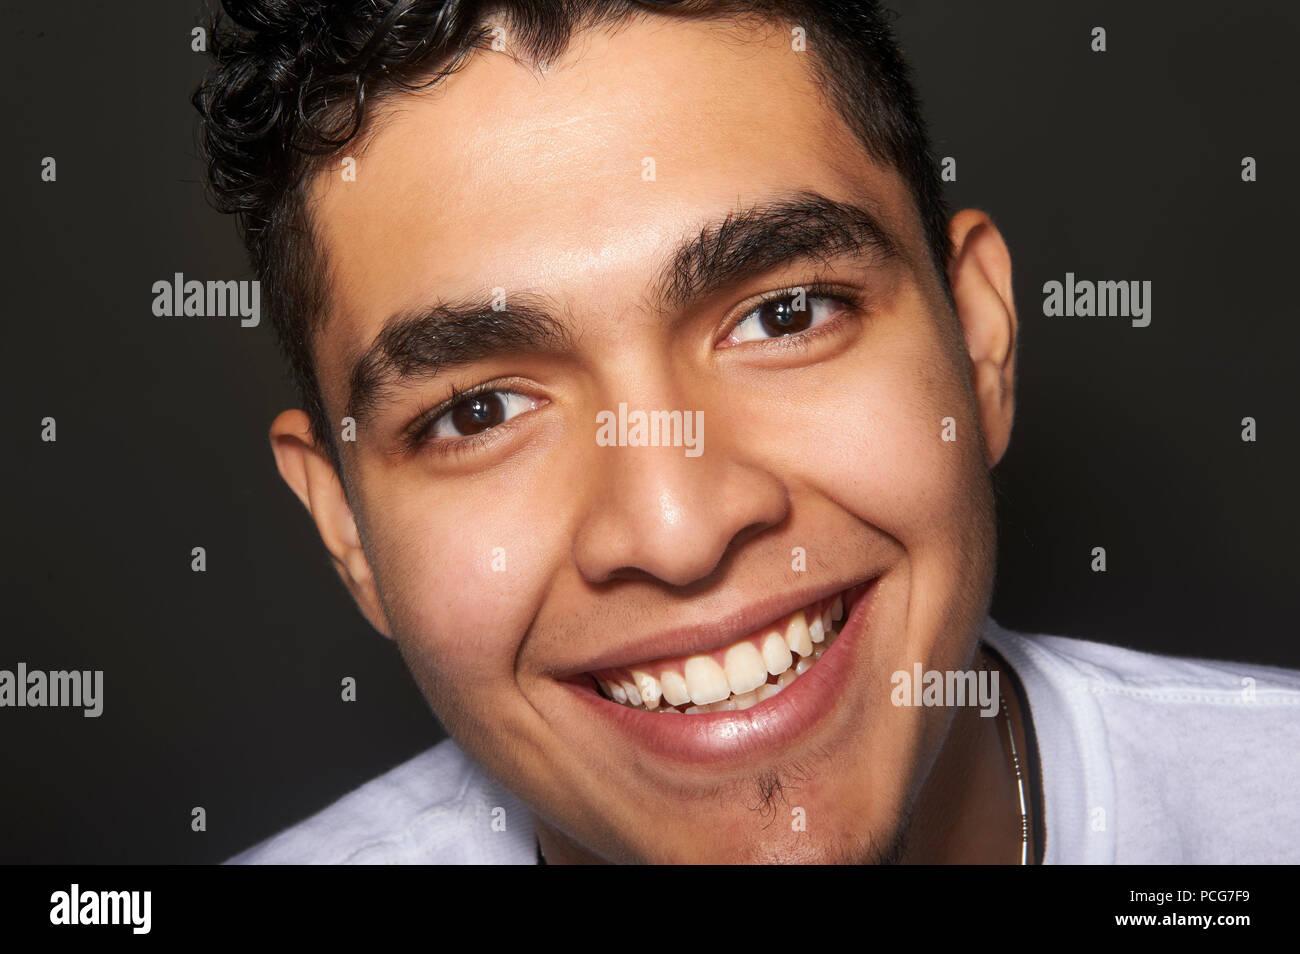 Studio Portrait eines 19 Jahre alten jungen Mann lächelnd Stockbild